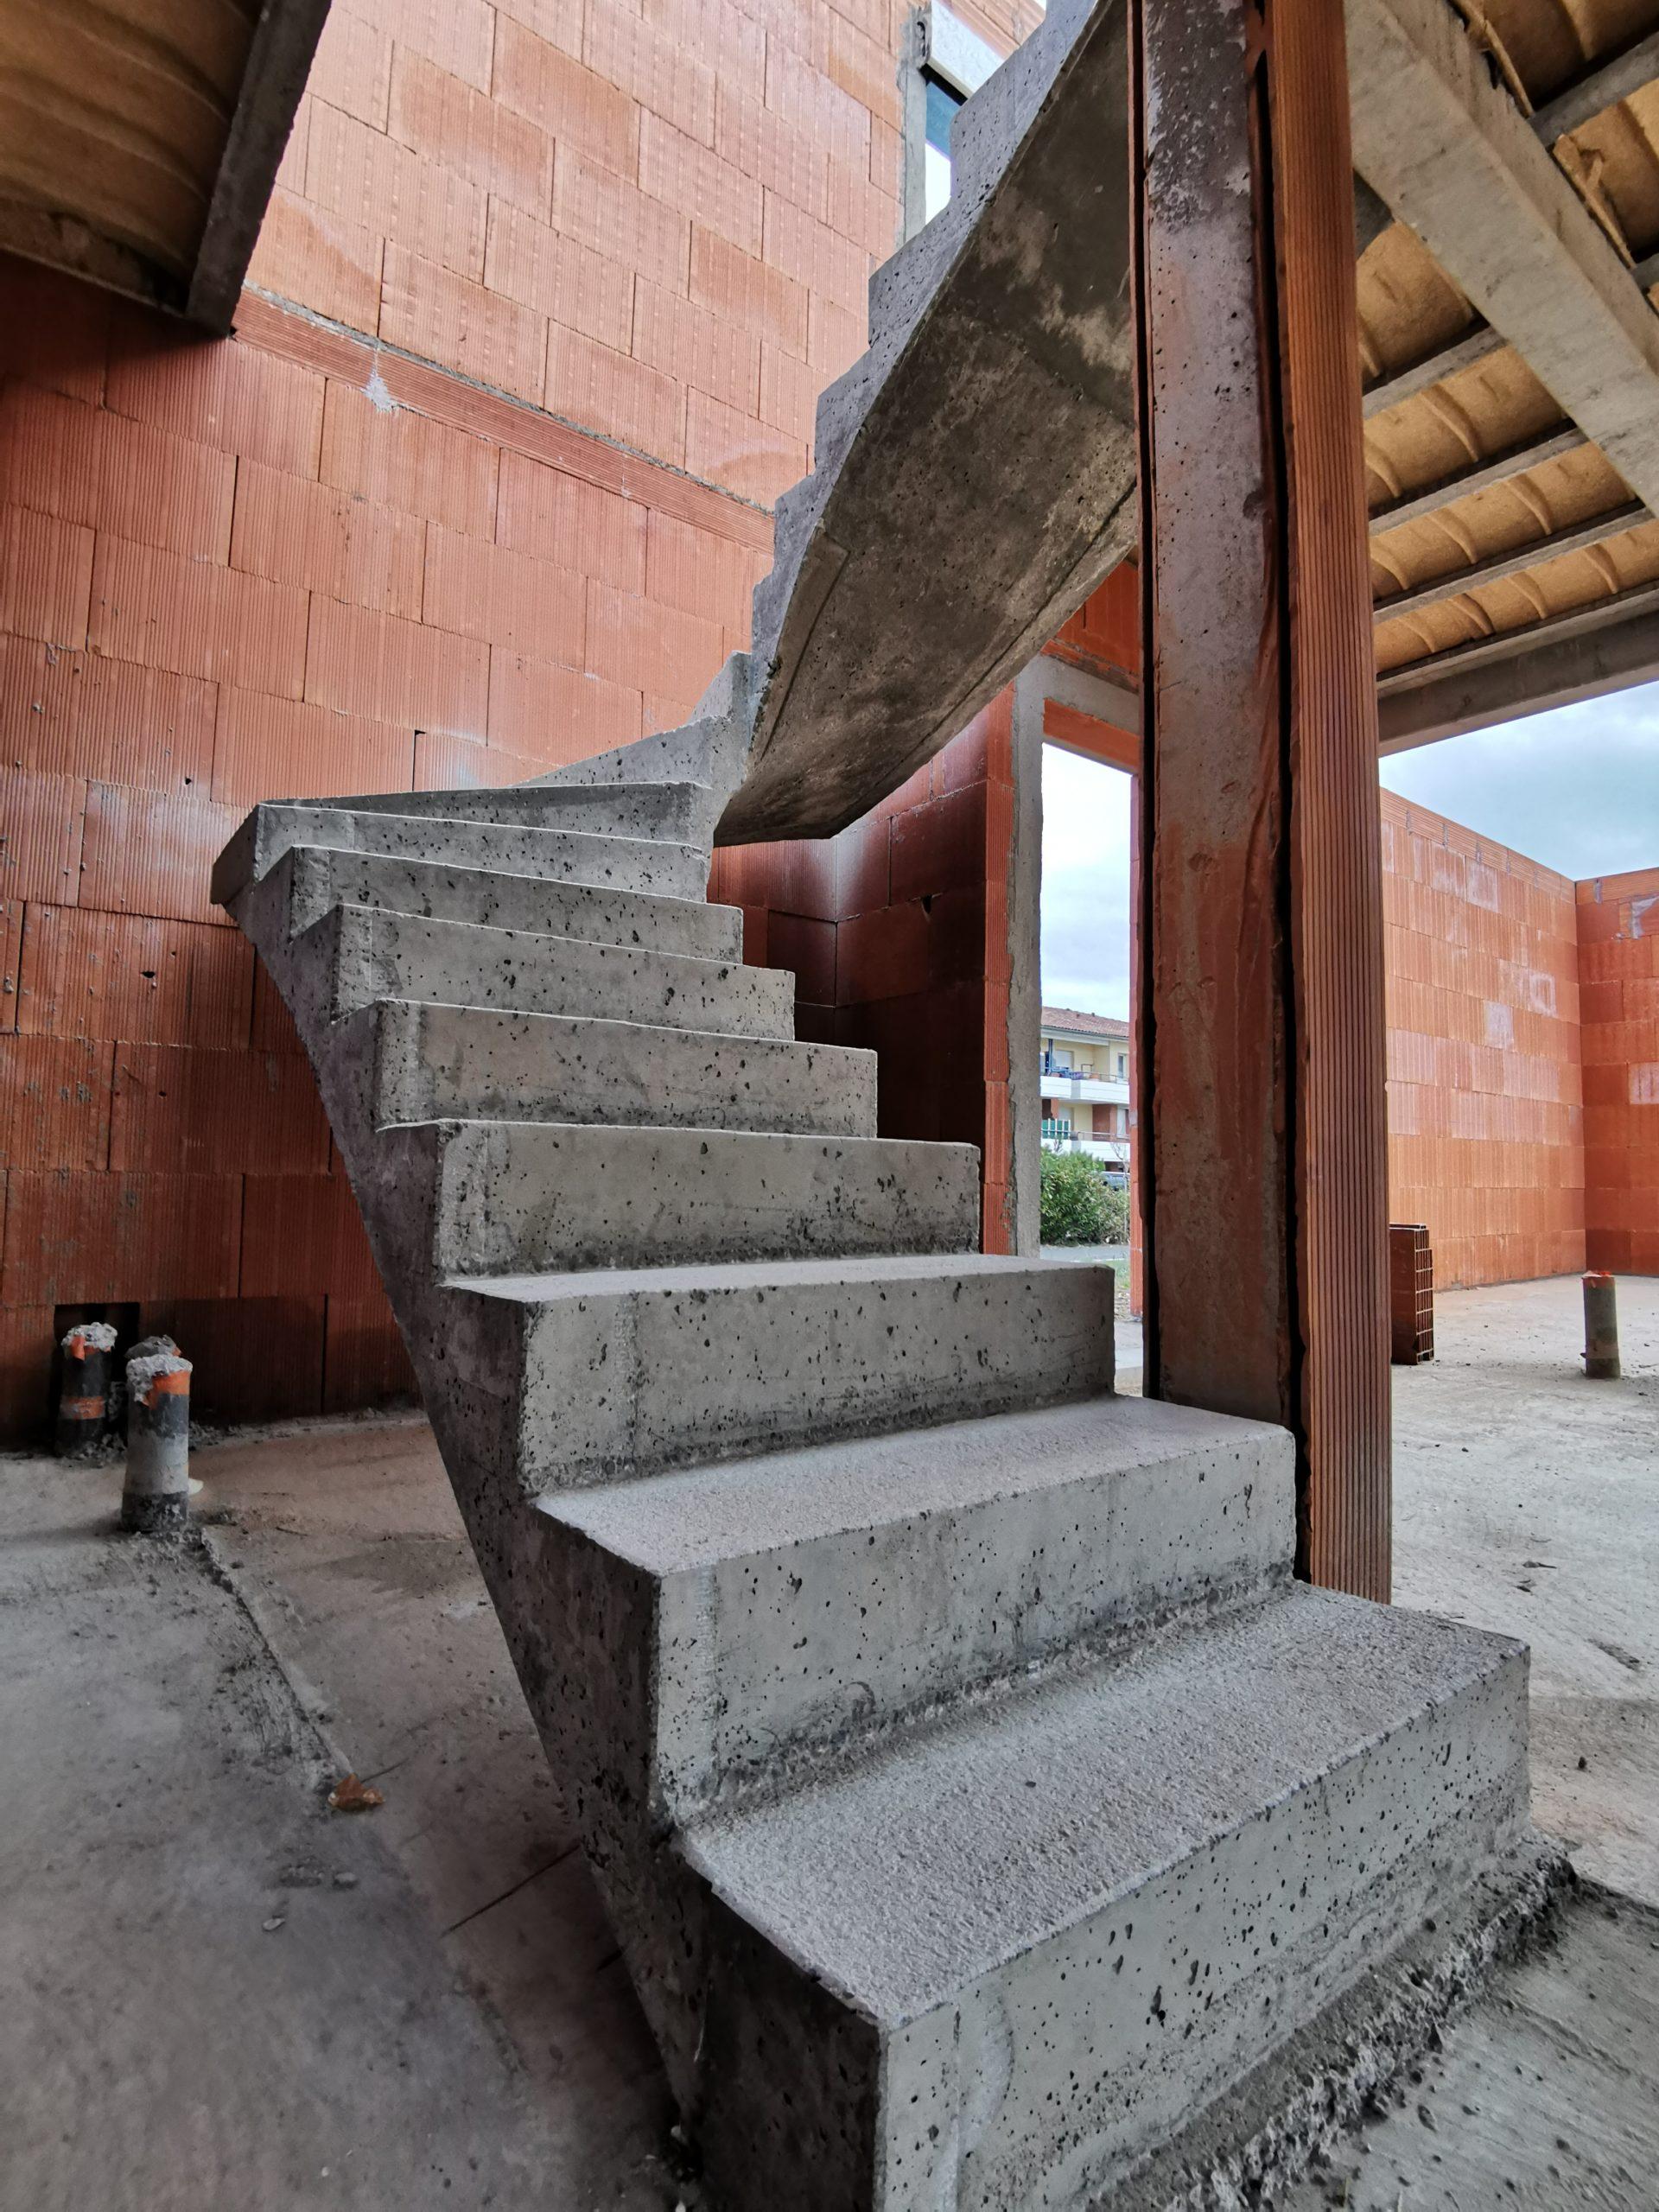 Réalisation d'un escalier béton balancé dans une maison individuelle